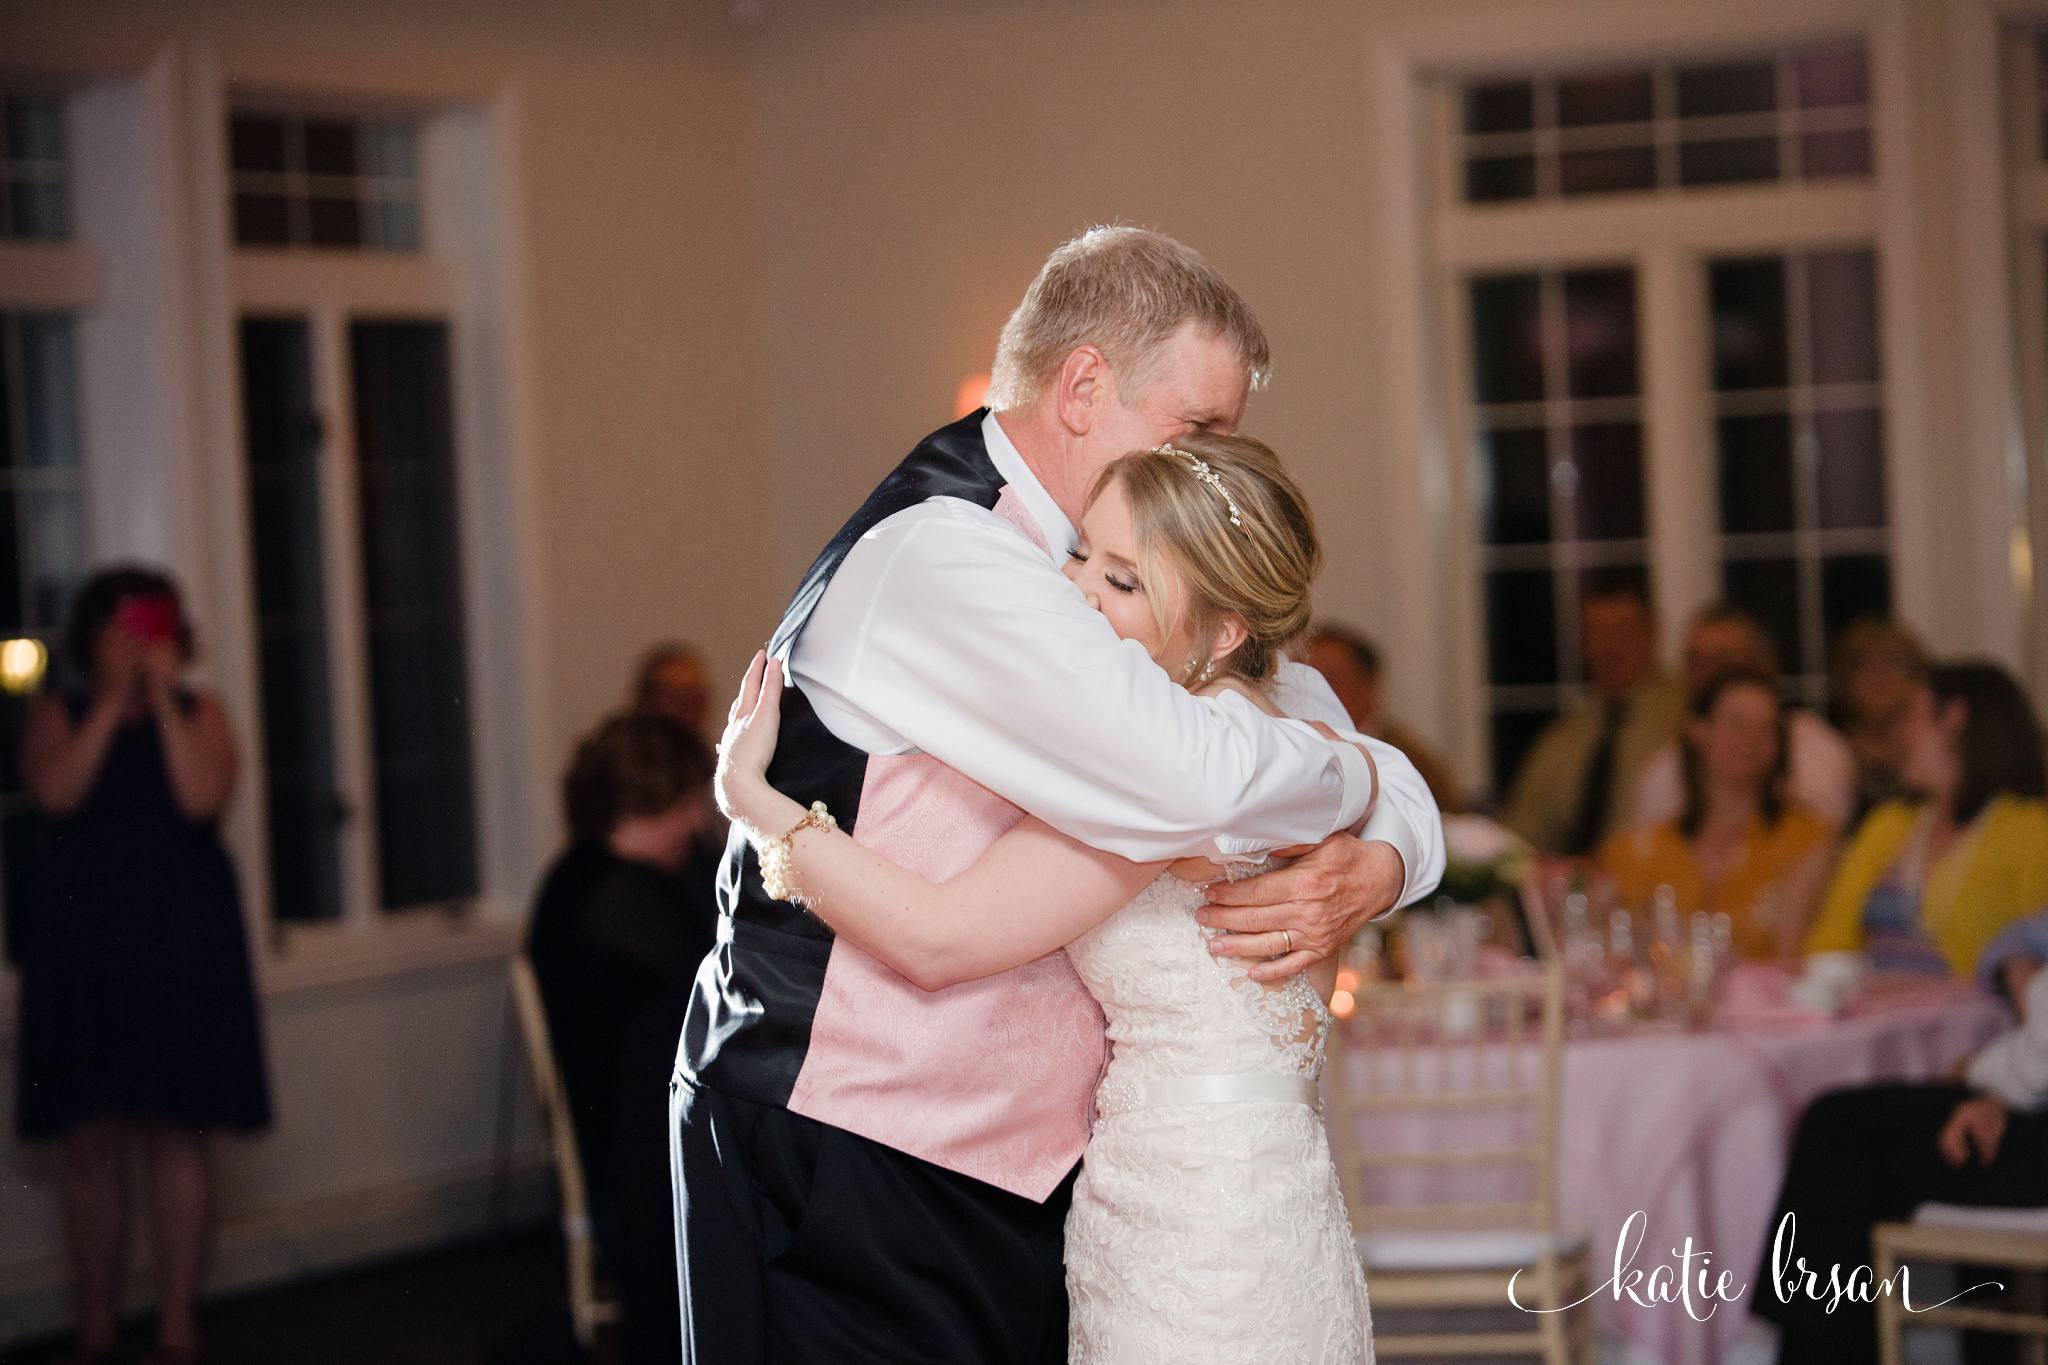 Mokena_Lemont_Wedding_Ruffled_Feathers_Wedding_1442.jpg